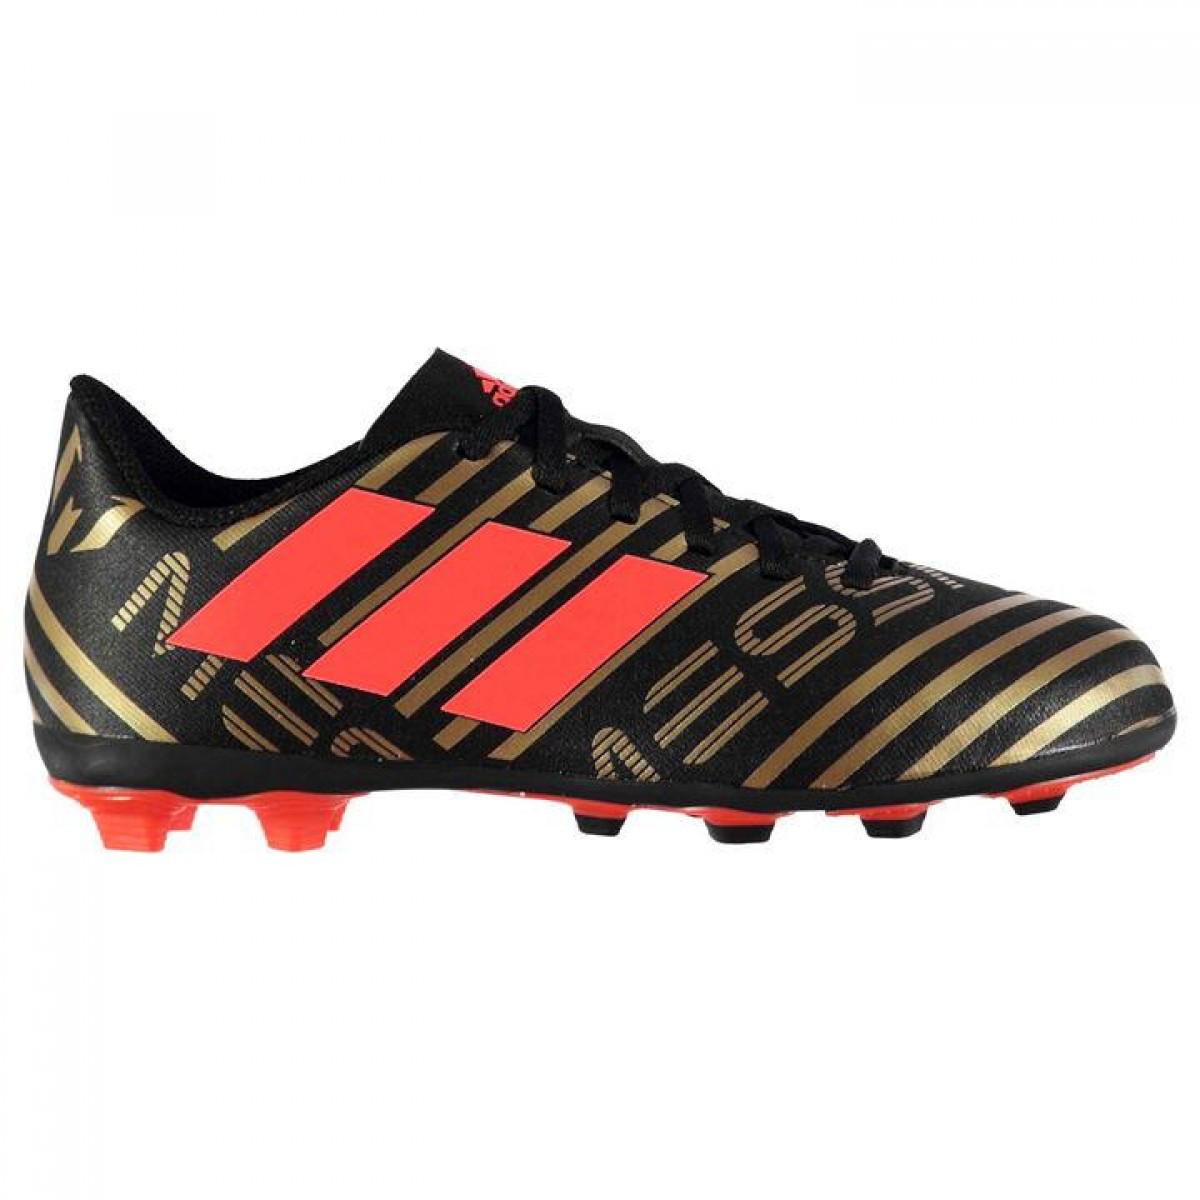 2075de70 Бутсы Adidas Nemeziz Messi 17.4 Childrens FG Football Boots Black/Gold -  Оригинал - FAIR